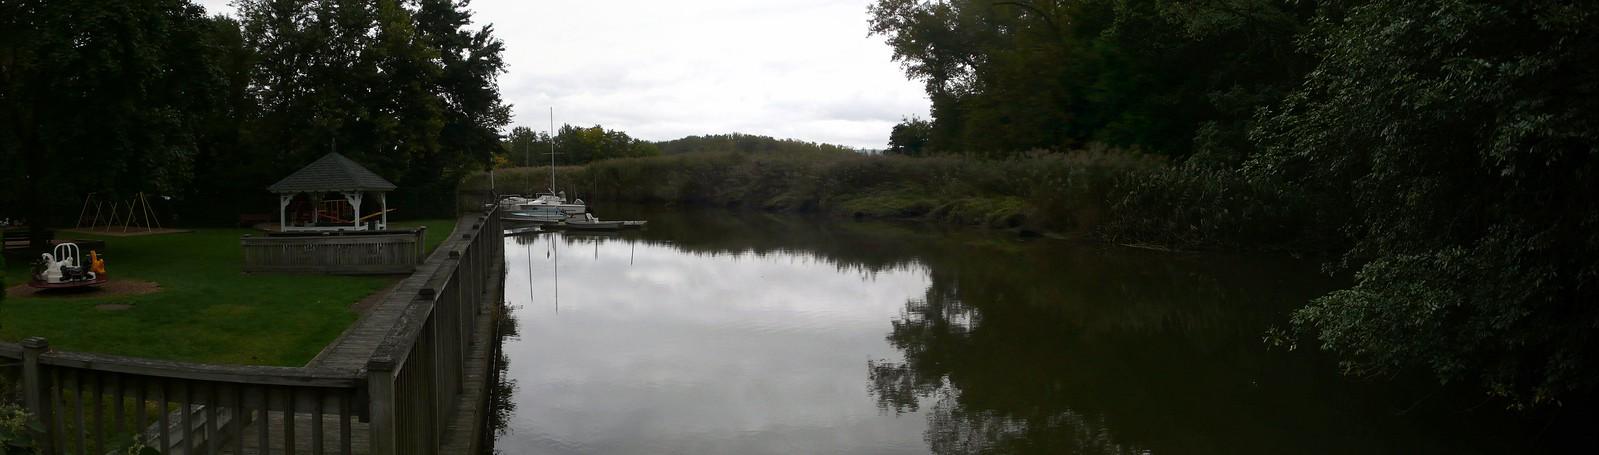 Sparkill Creek - Piermont, NY